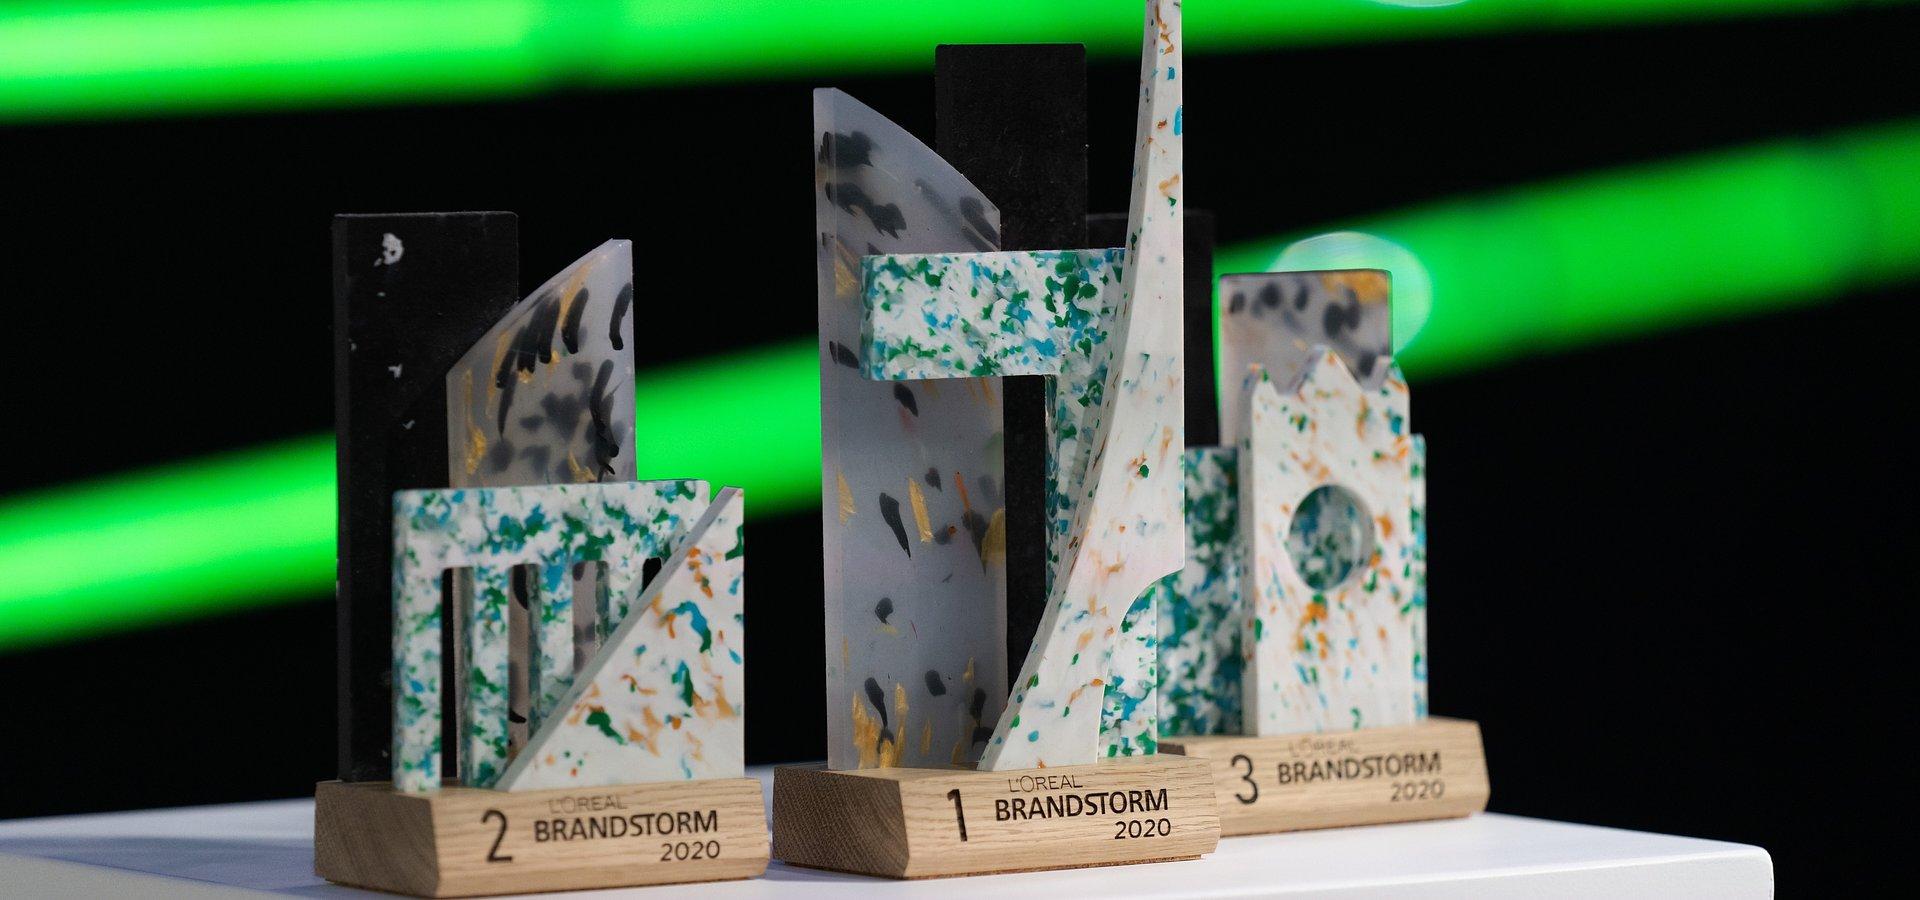 Equipa da Católica Lisbon School of Business and Economics alcança o 'pódio' na Final Internacional do L'Oréal Brandstorm 2020